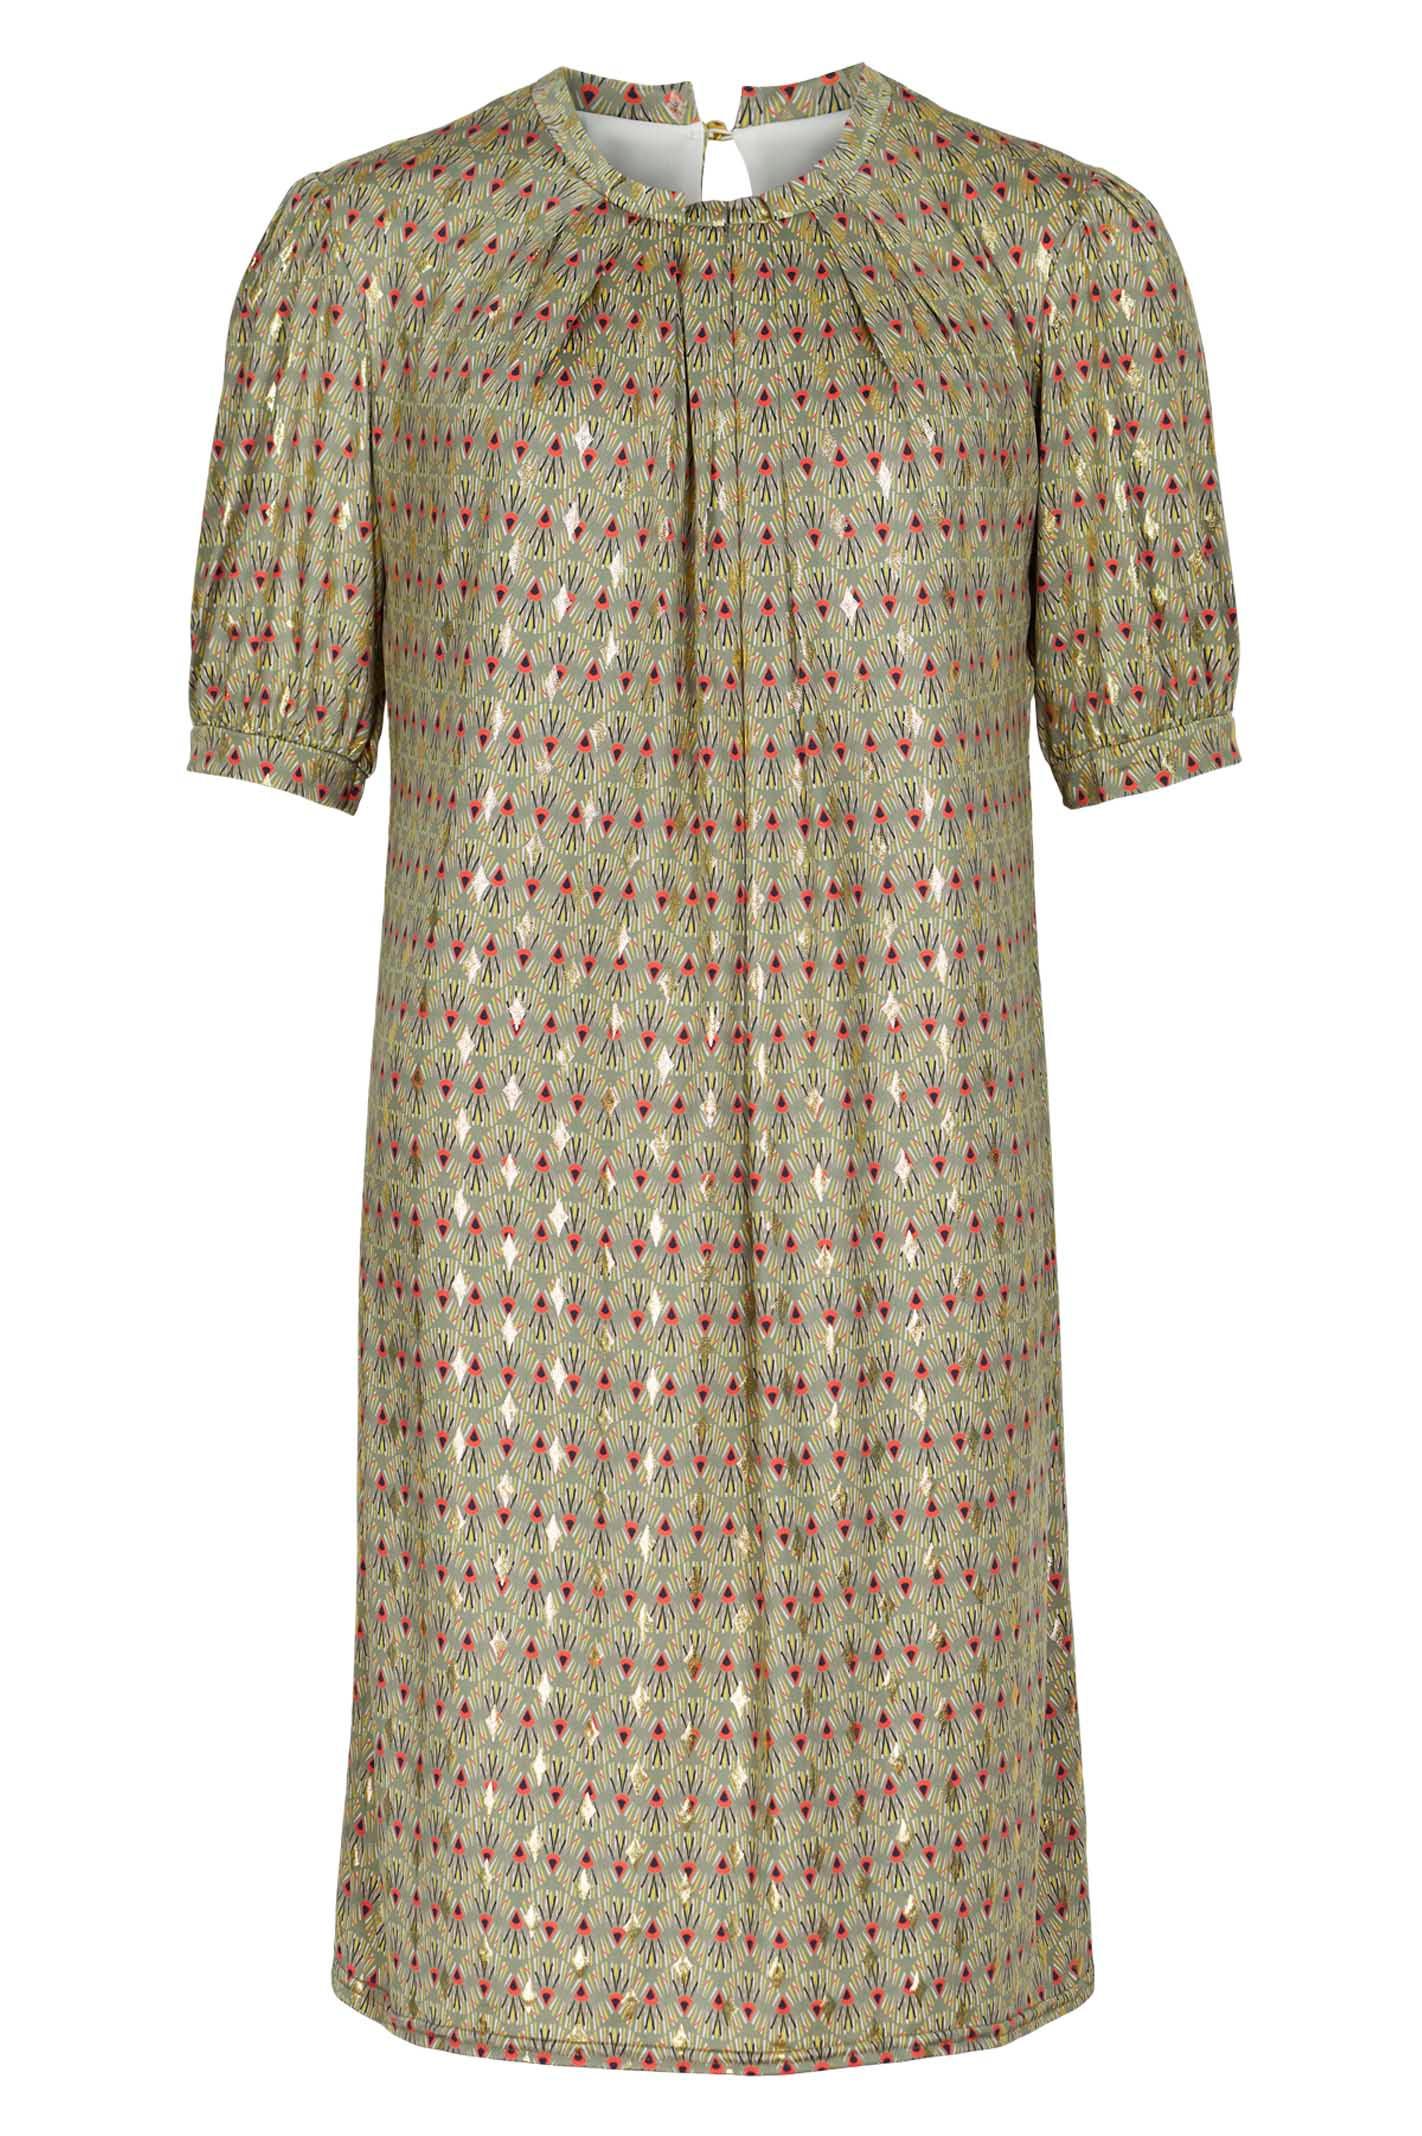 IN FRONT Grazia dress 13901 MINT